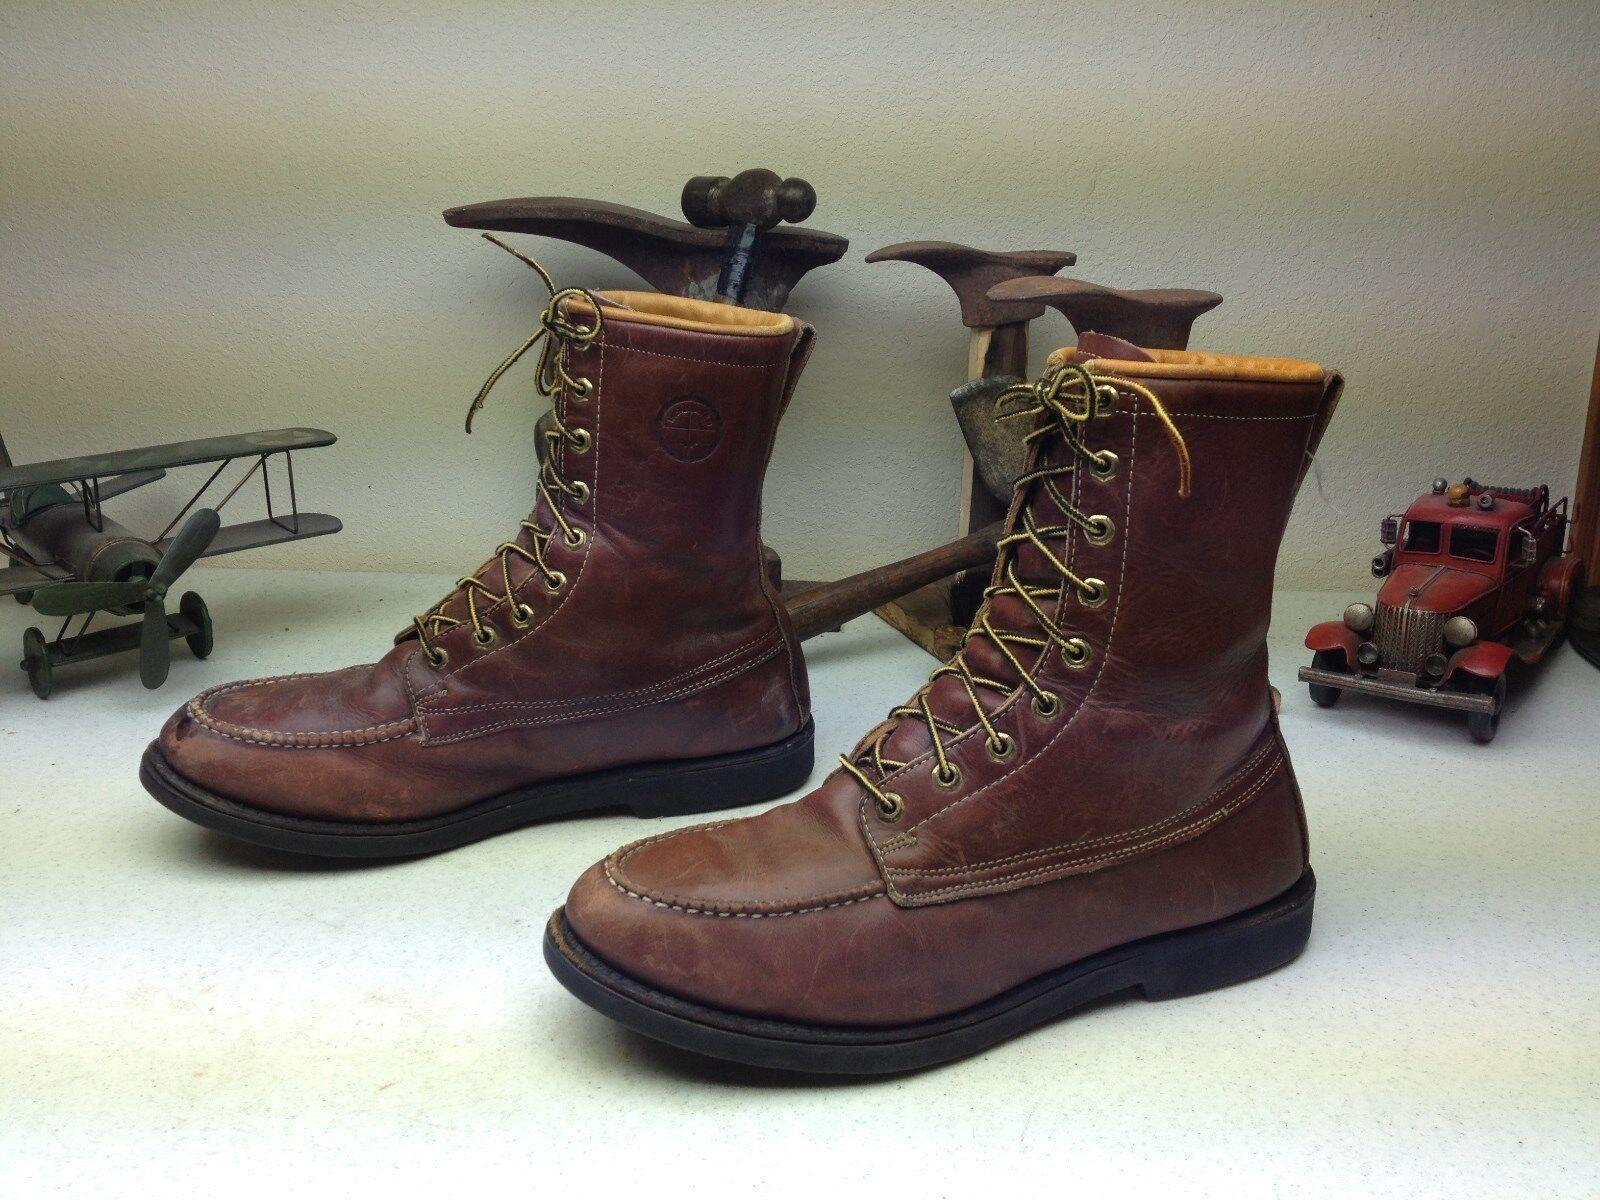 Herman Survivors Color Marrón 20 Bajo Cero De Cuero Envejecido lazada botas 12